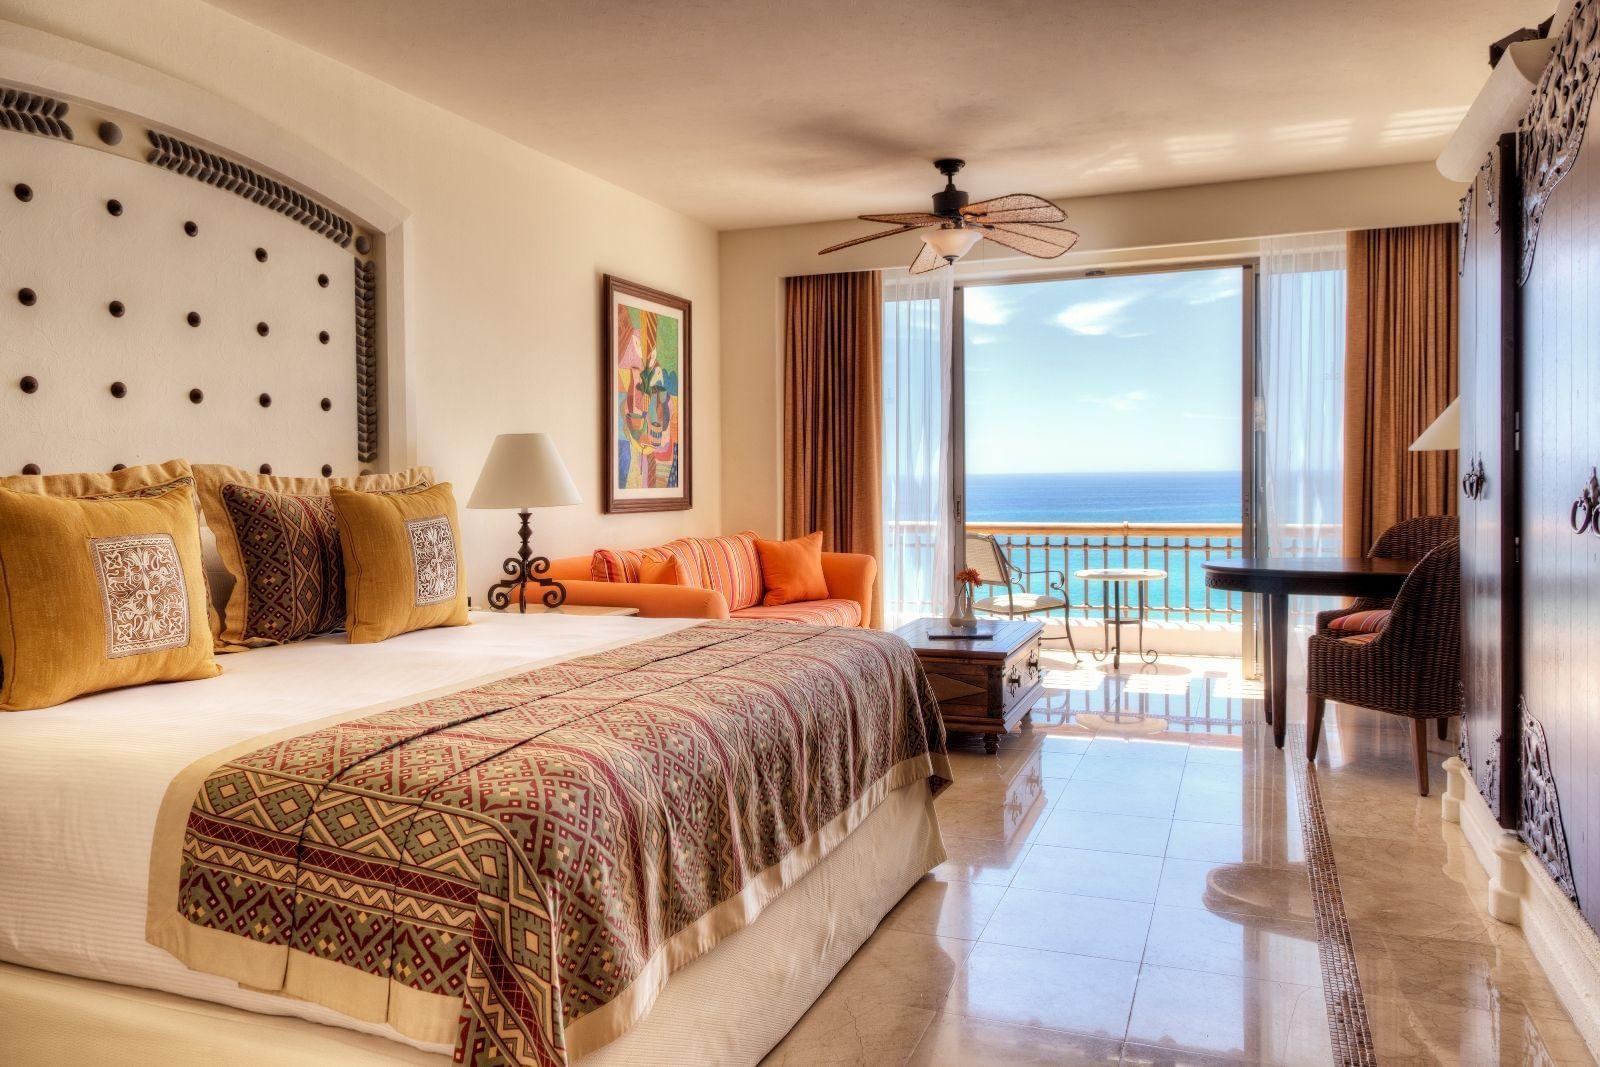 A bed in a hotel room - Marquis Los Cabos